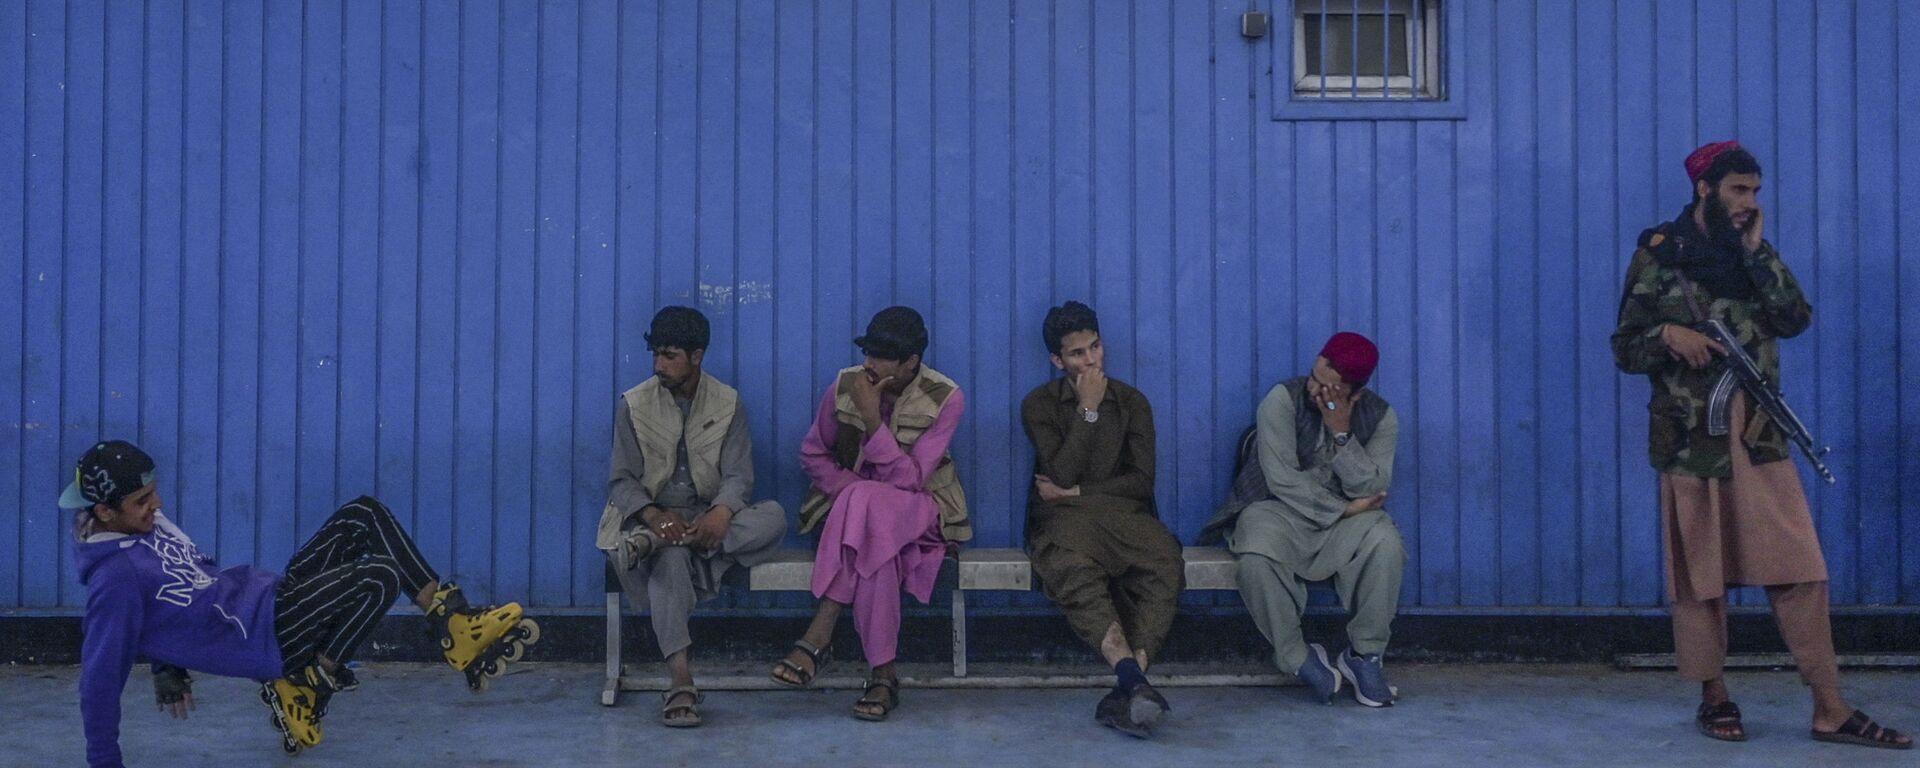 Во время визита директора Талибана по физическому воспитанию и спорту Башира Ахмада Рустамзая в спортзал в Кабуле - Sputnik Ўзбекистон, 1920, 21.09.2021